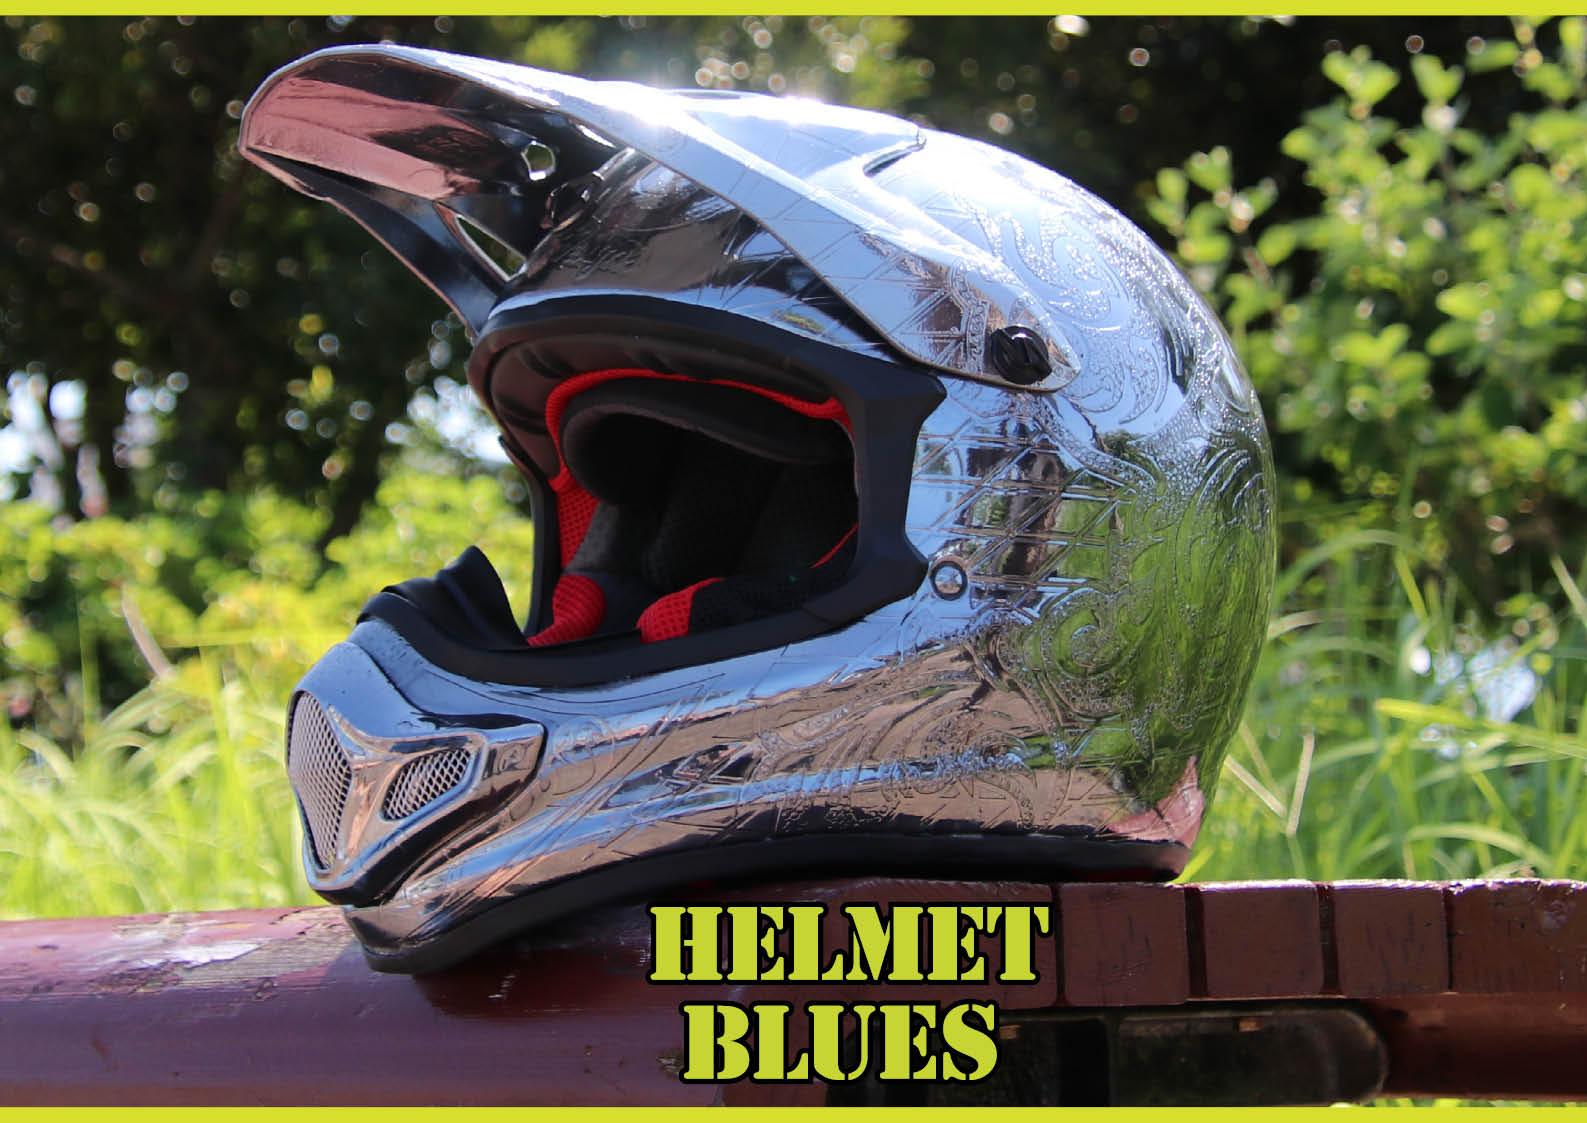 ナガイデザインのオールメッキのヘルメット タネも仕掛けもちょっとアルよ  ジェットスキー(水上バイク)